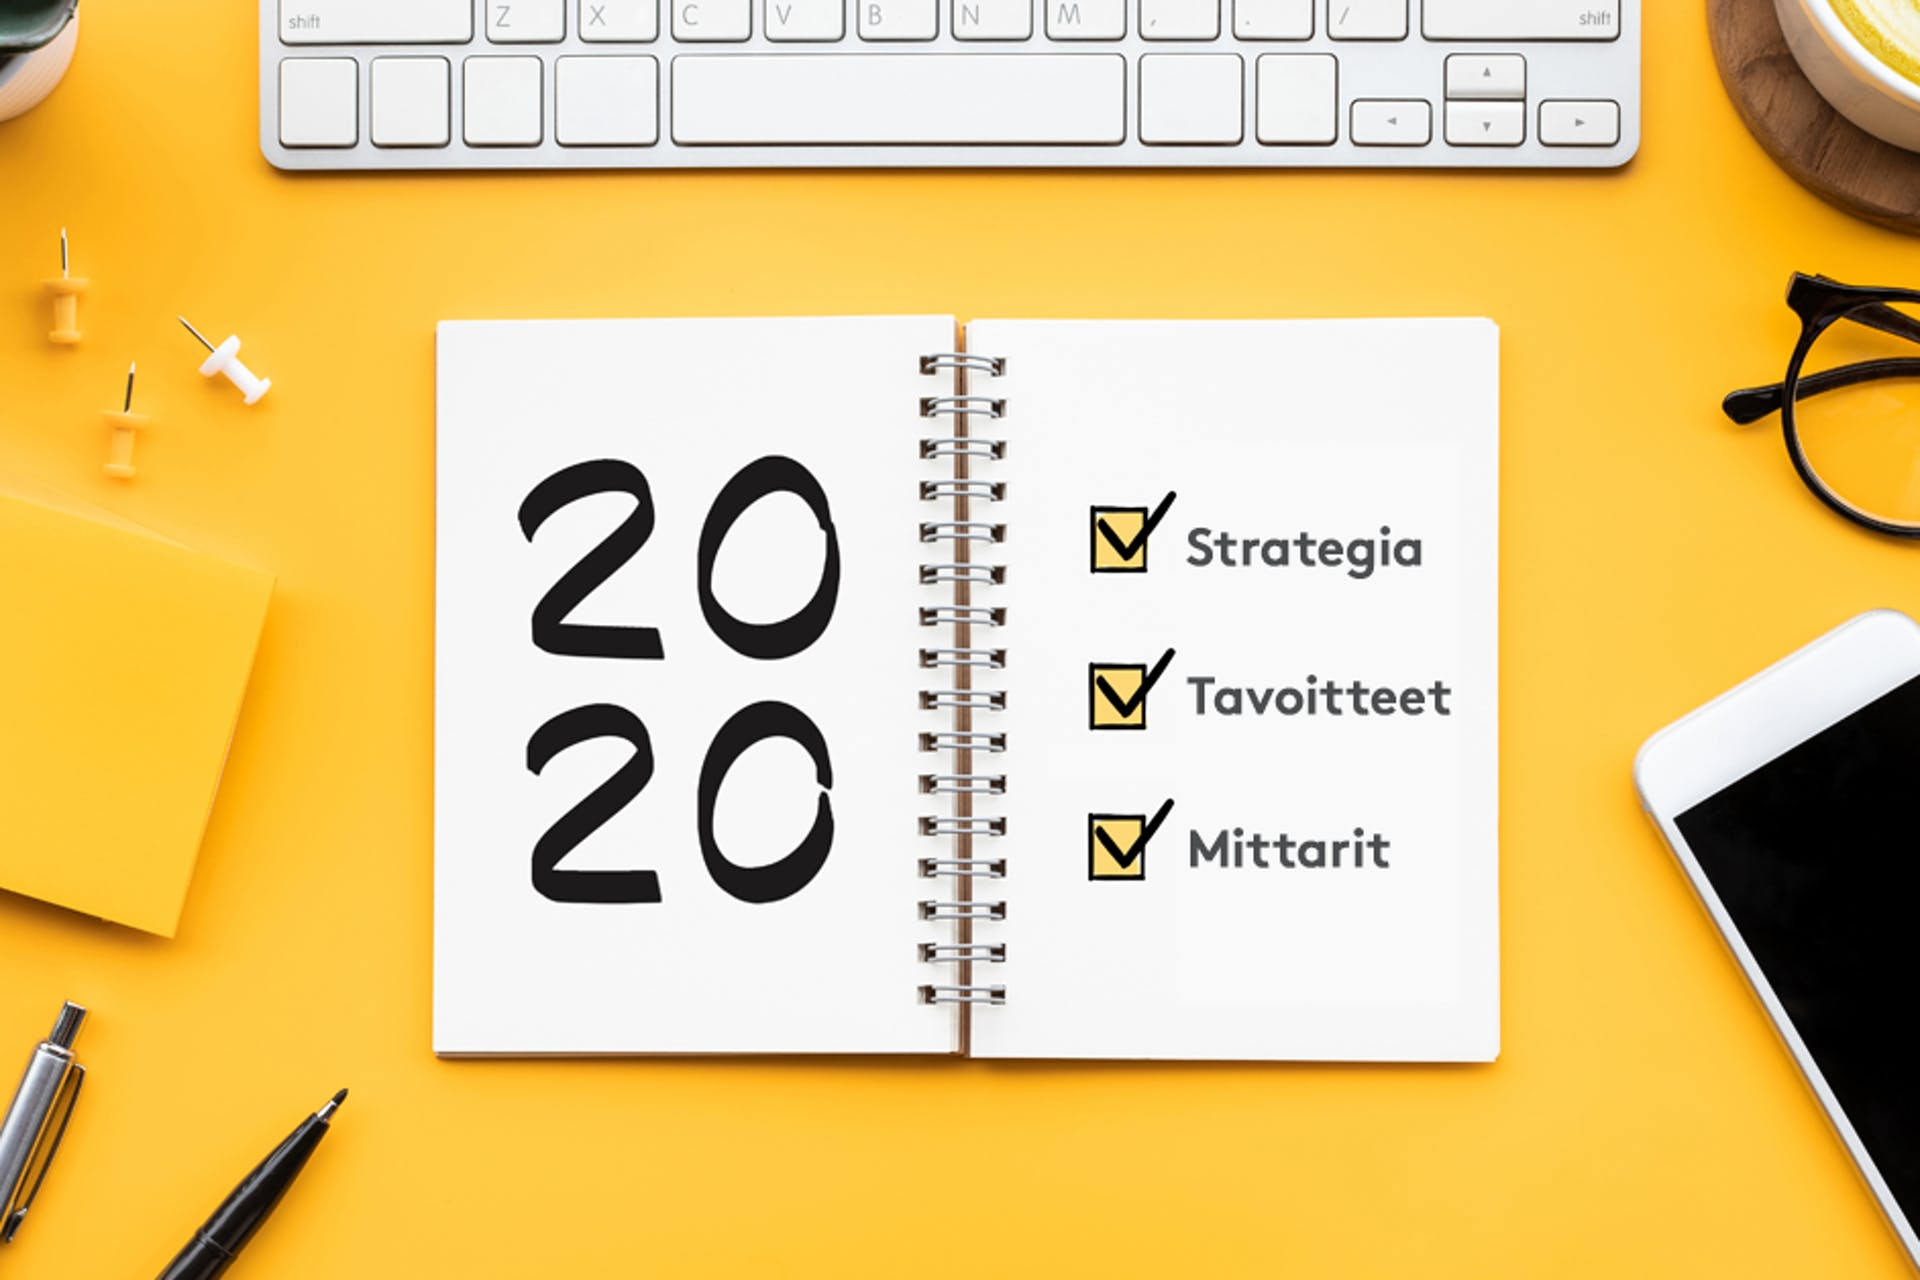 Nyt on oikea aika tehdä viestintäsuunnitelma vuodelle 2020